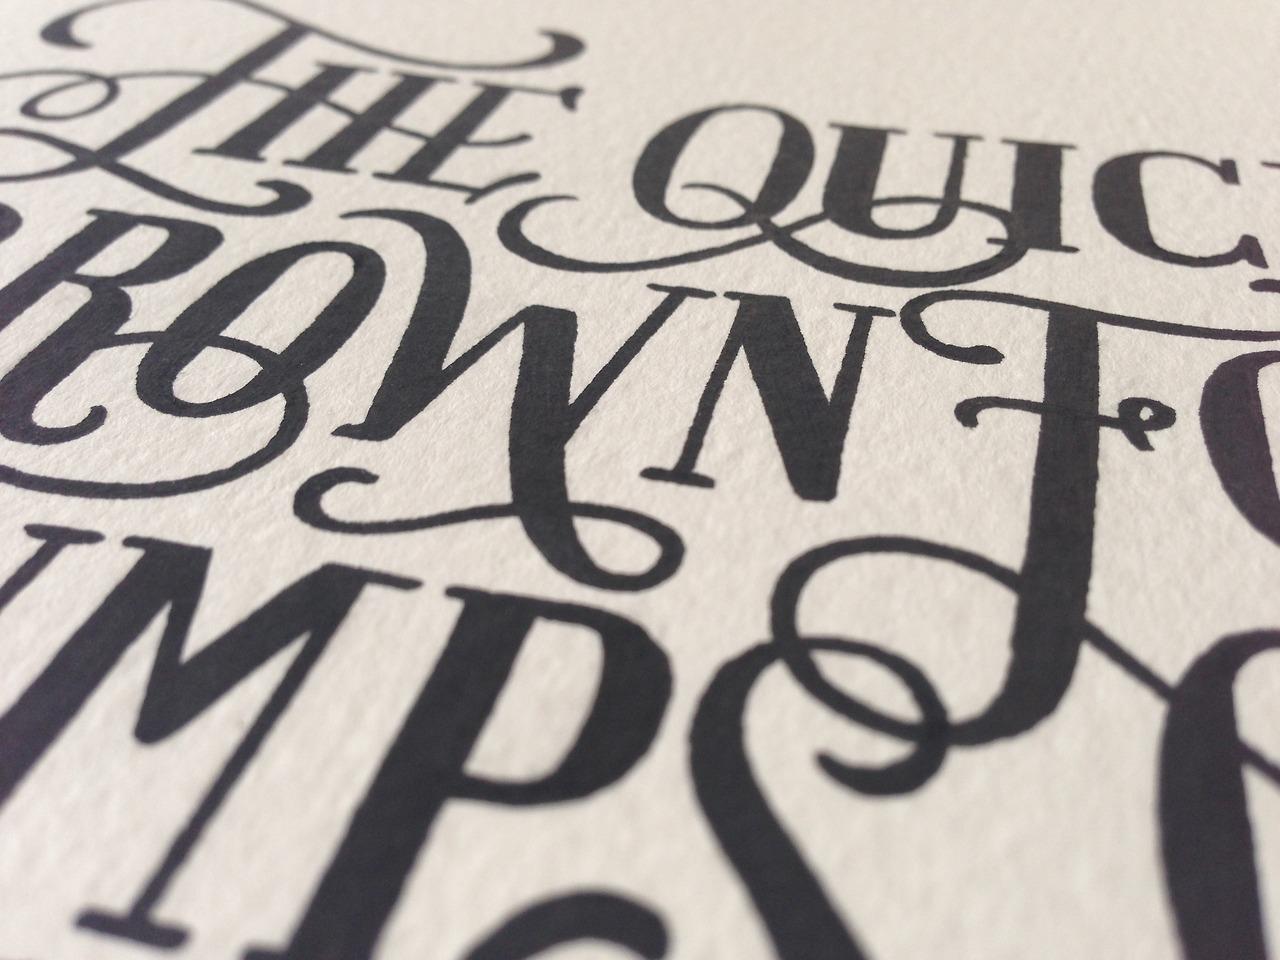 xavier-casalta-typography-oldskull-8